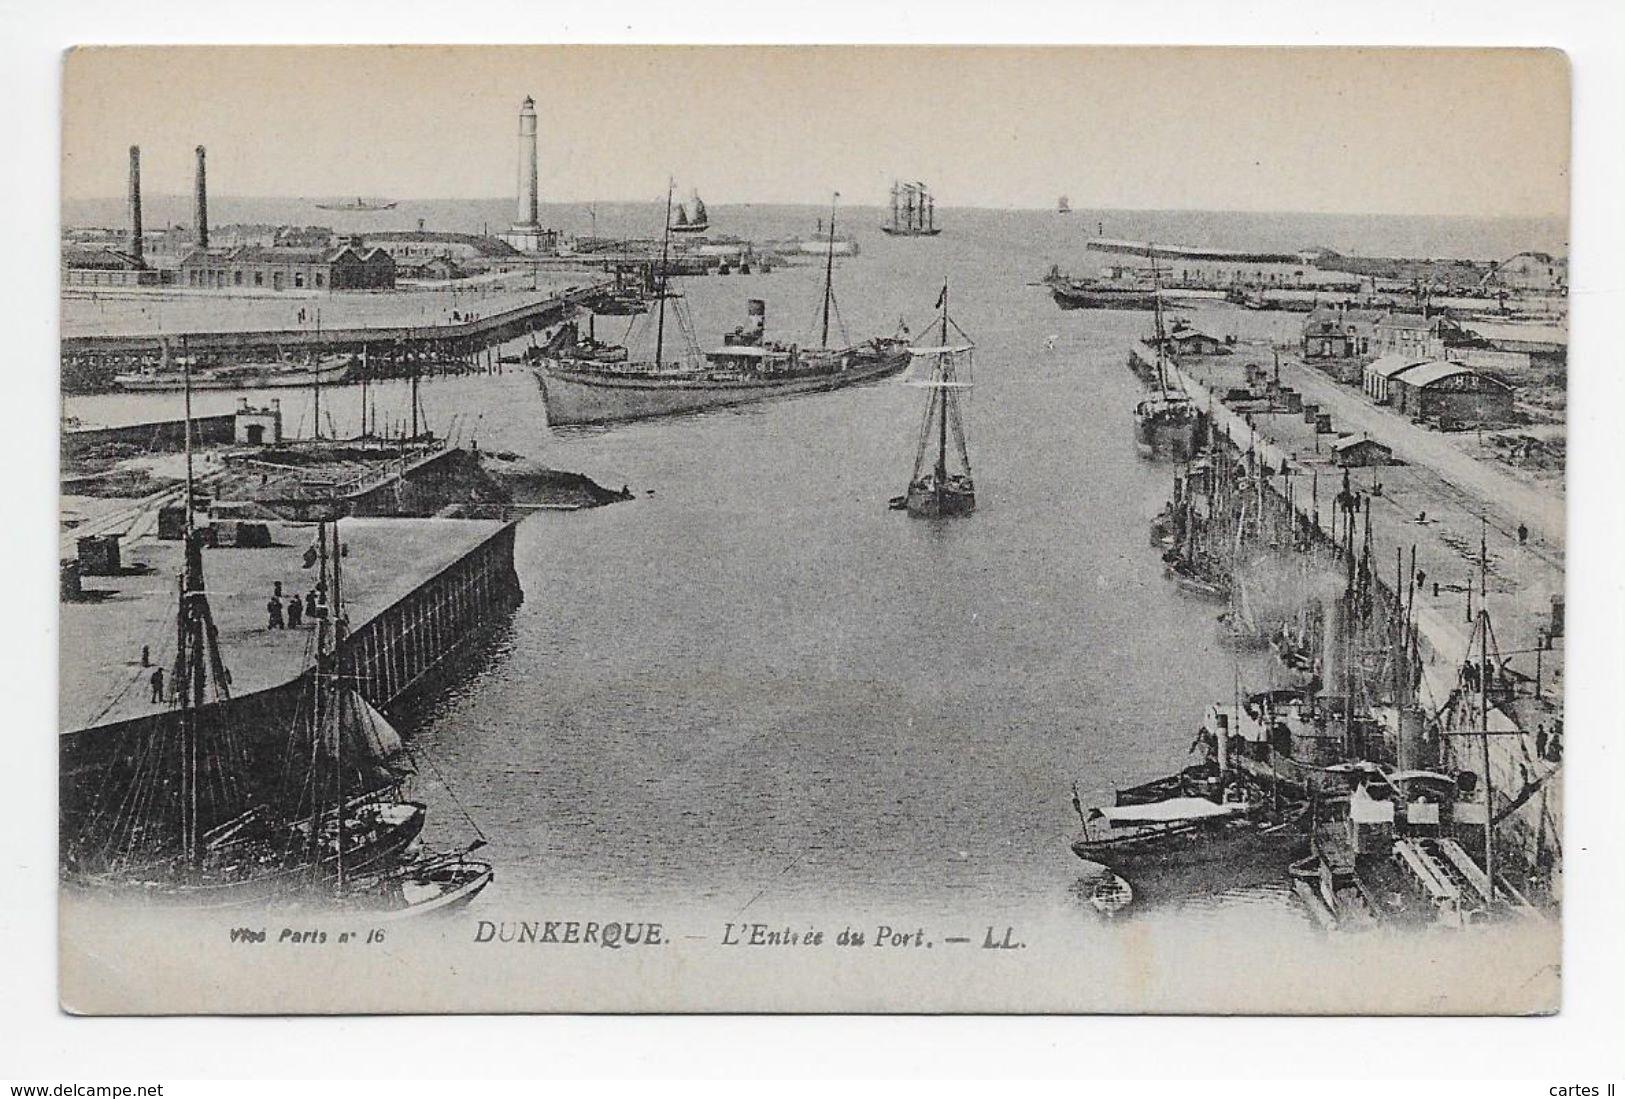 DC 851 - DUNKERQUE - L'Entree Du Port - LL 16 - Dunkerque